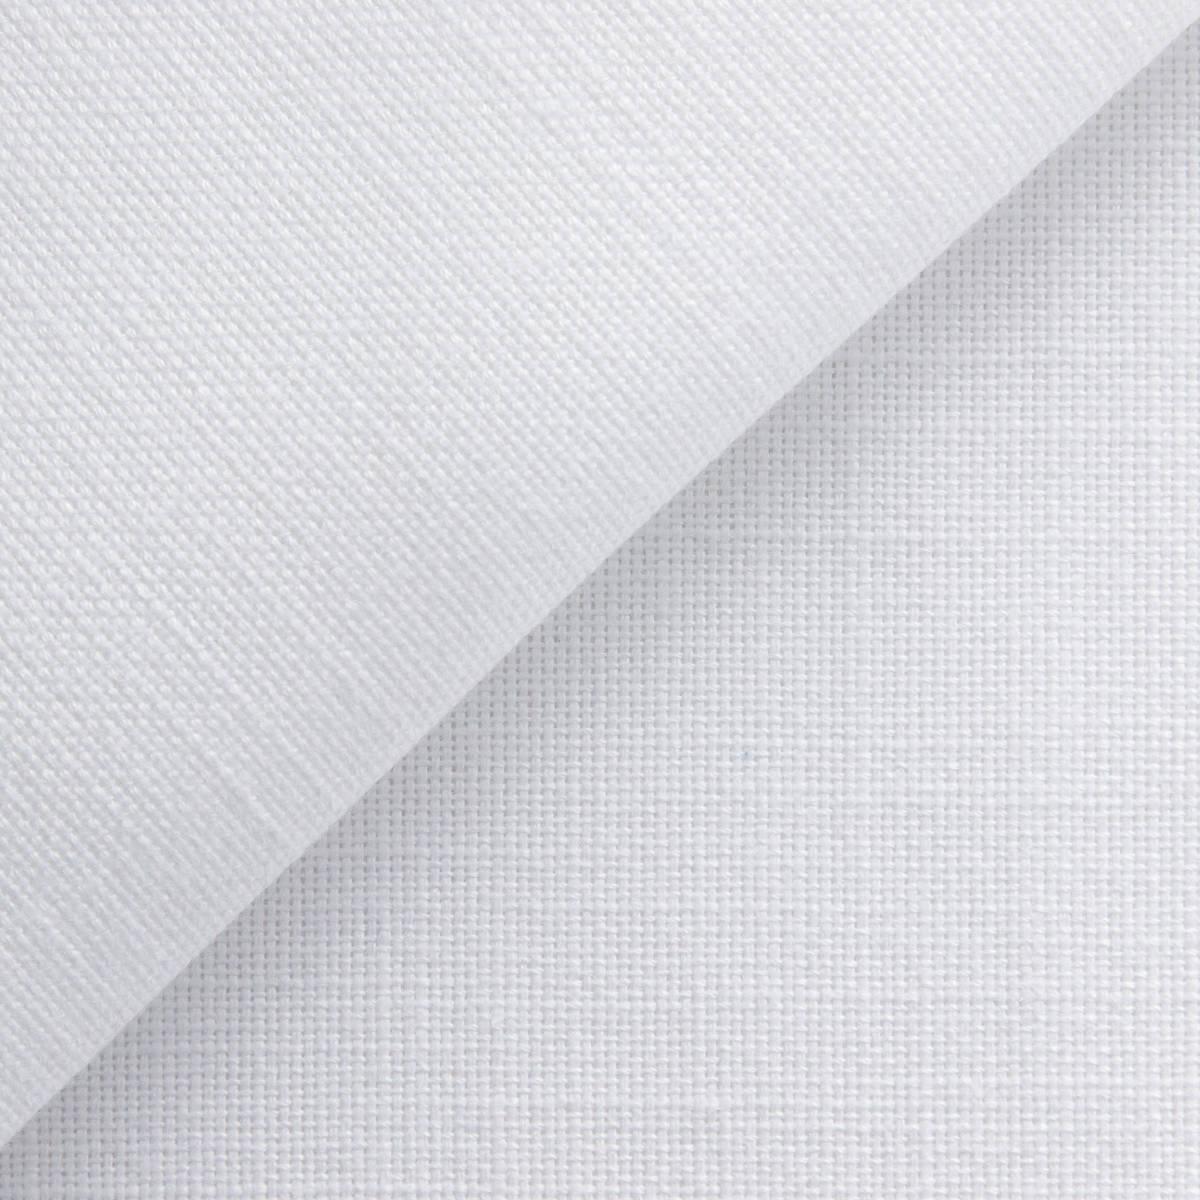 Linen Look 220gsm